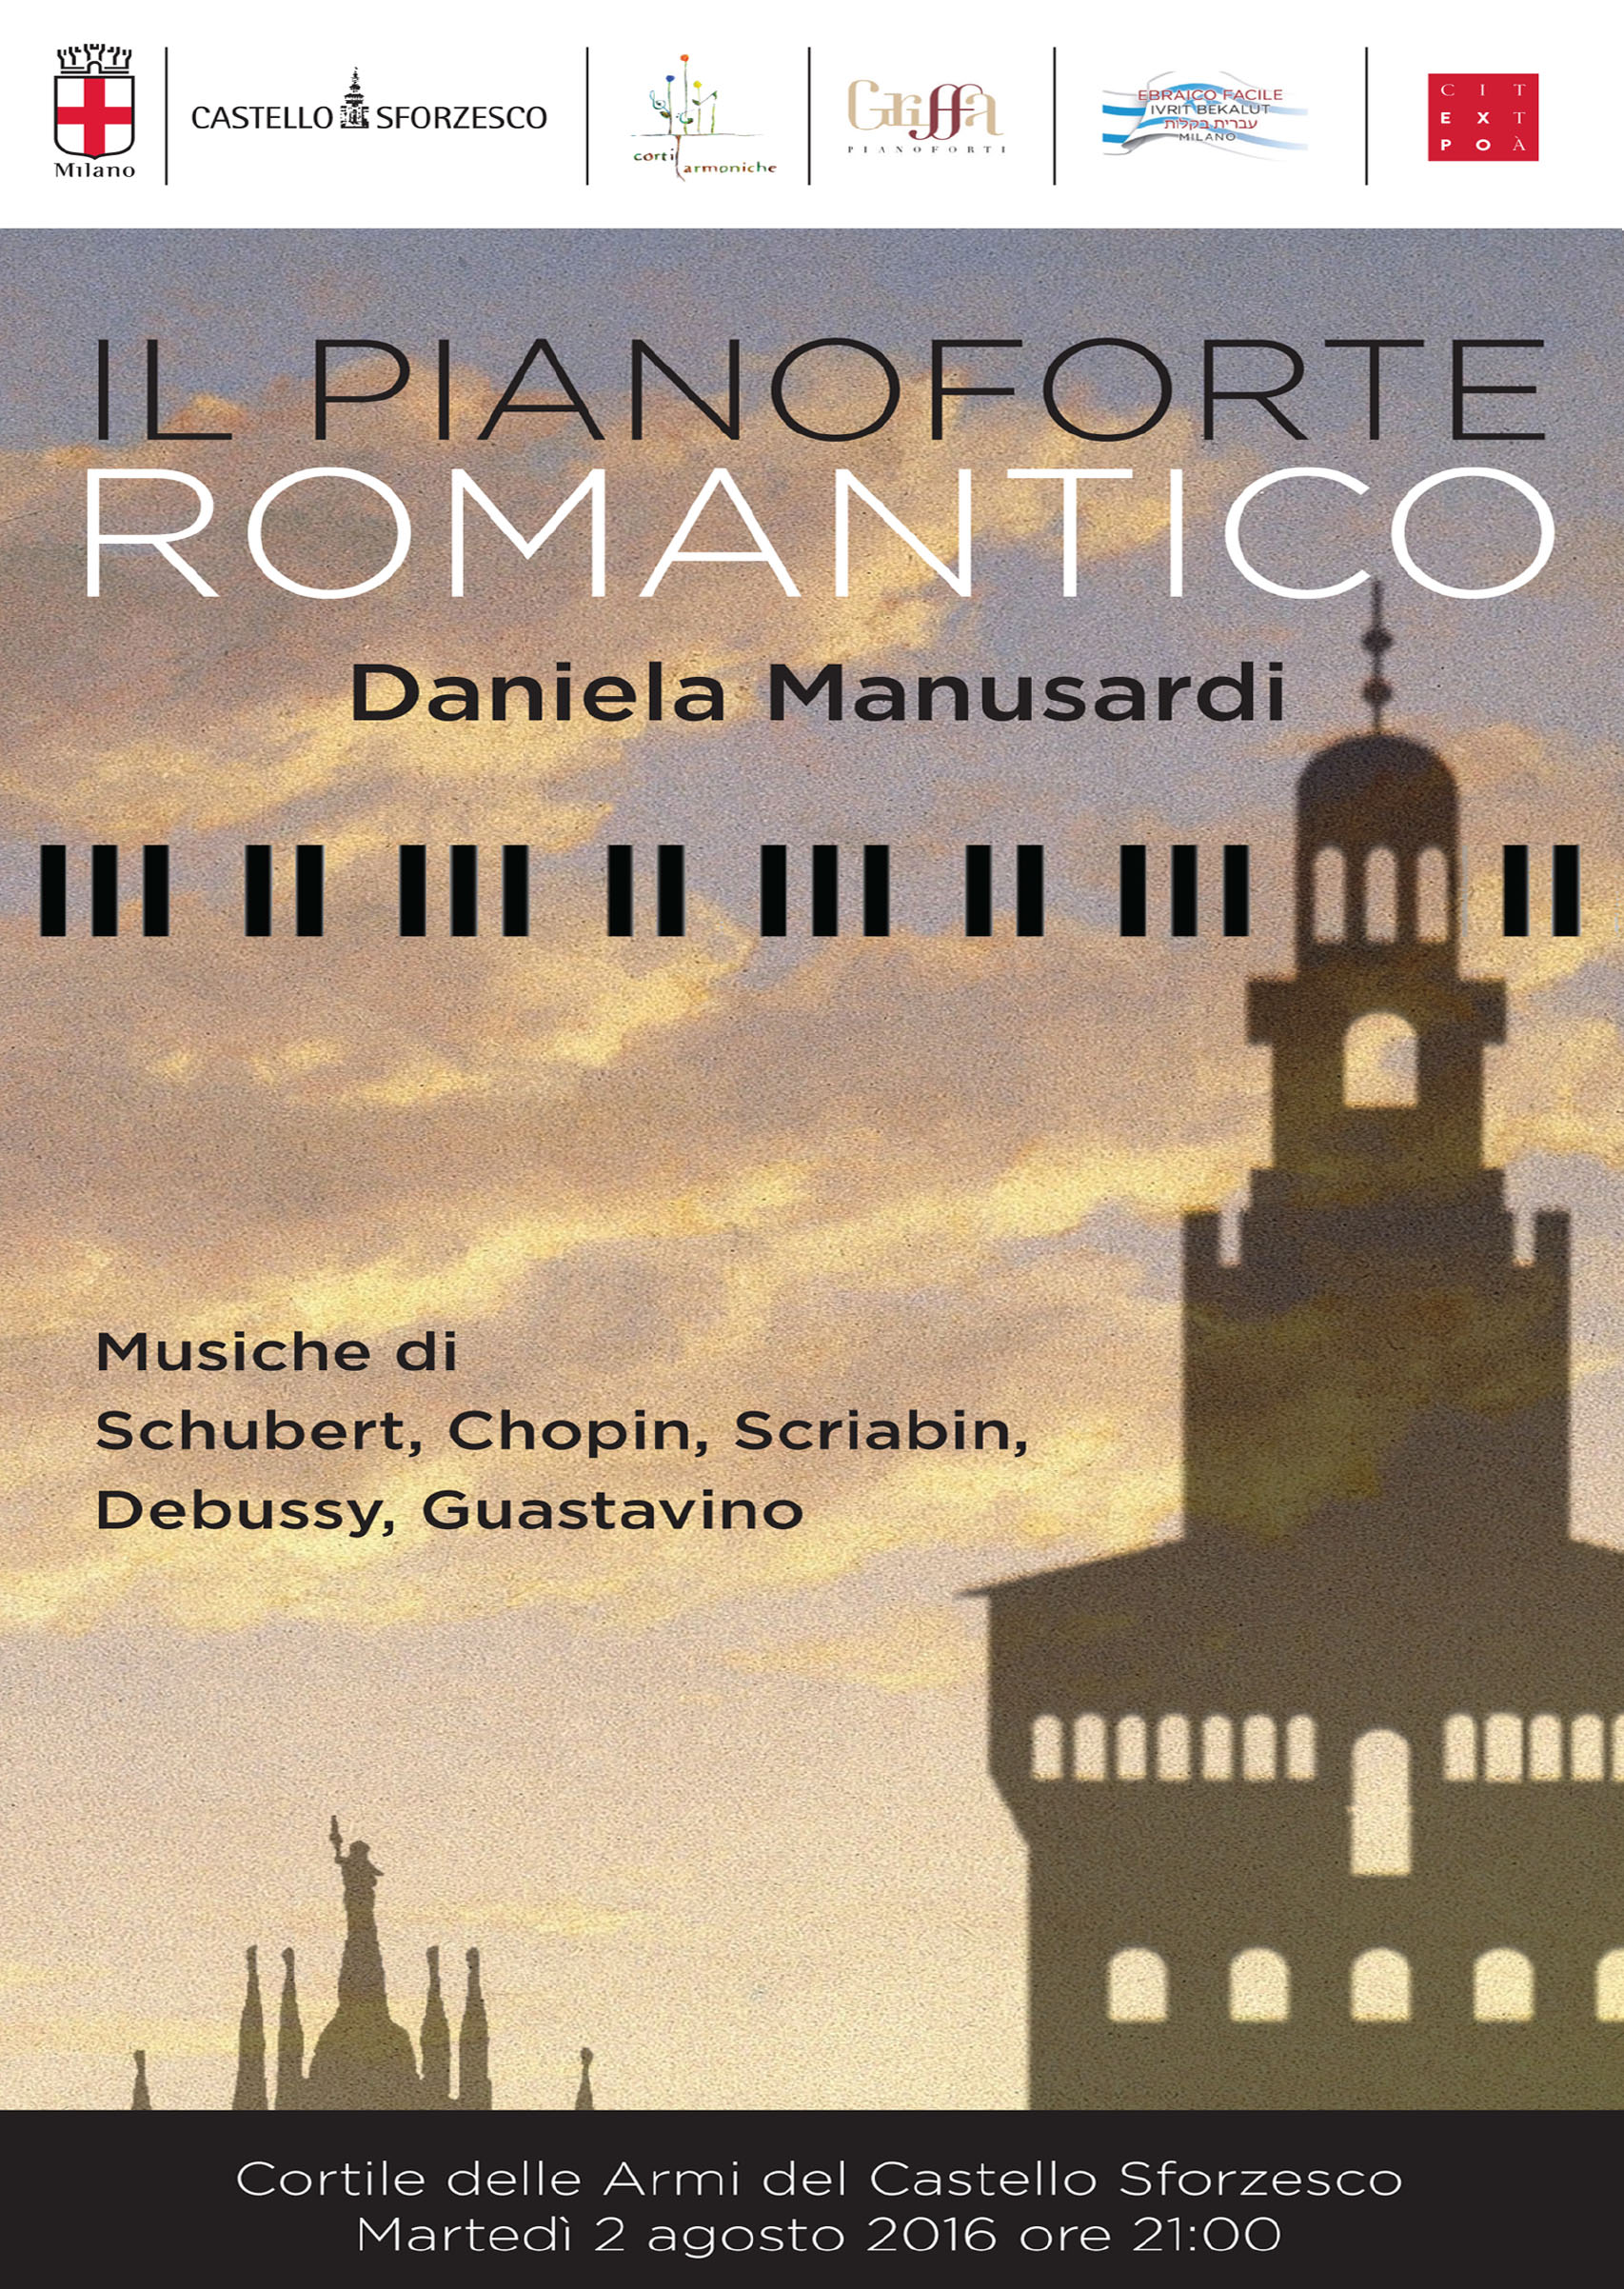 Il pianoforte romantico concerto con Daniela Manusardi